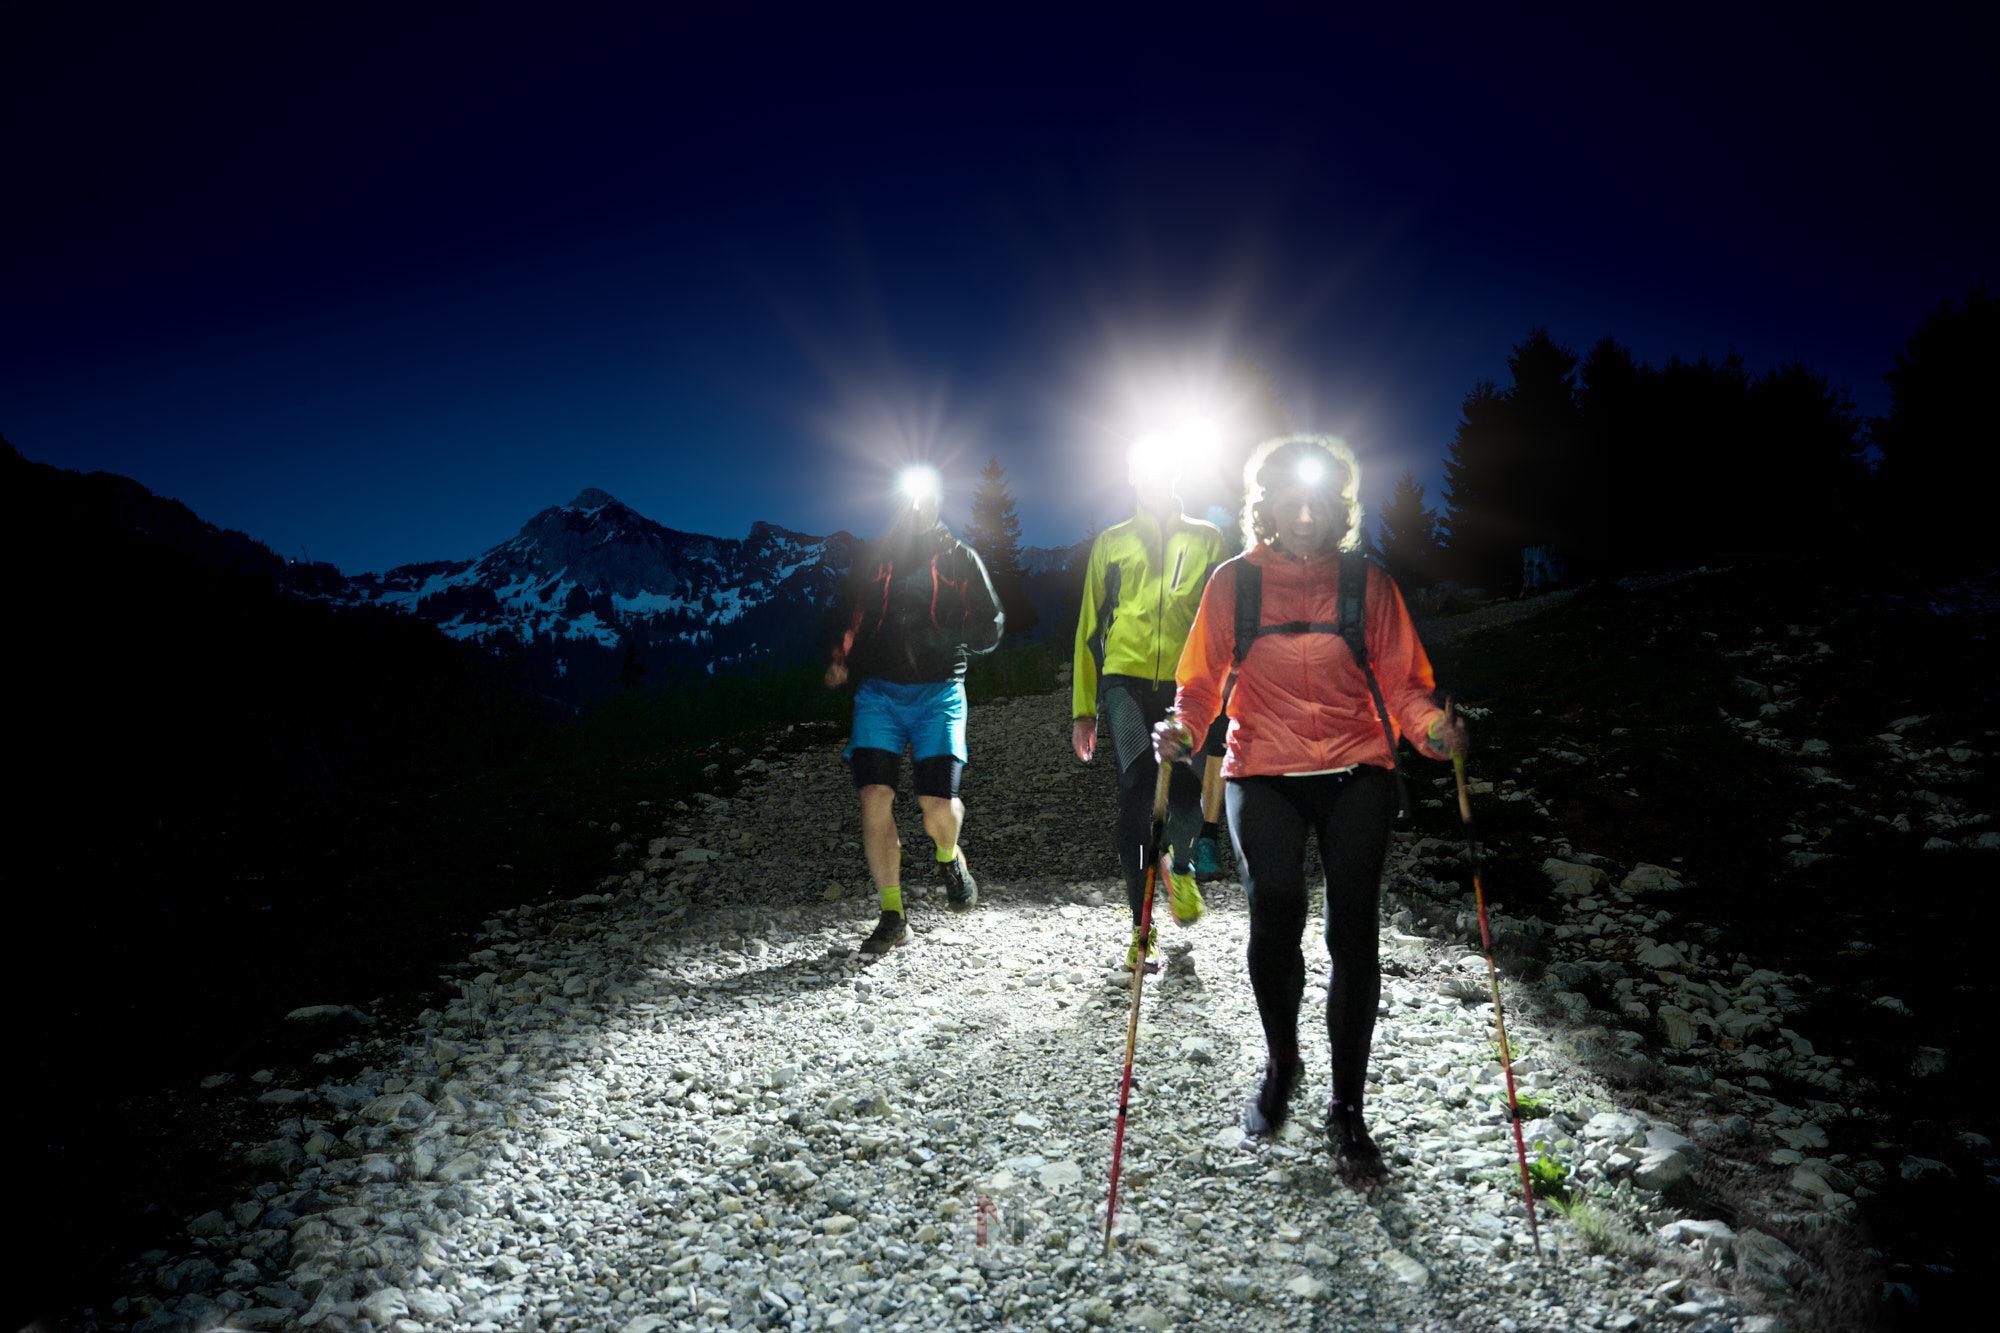 Stirnlampenlauf mit Peter Schlickenrieder, Traildays 2019, Tannheimer Tal, Tirol, Österreich